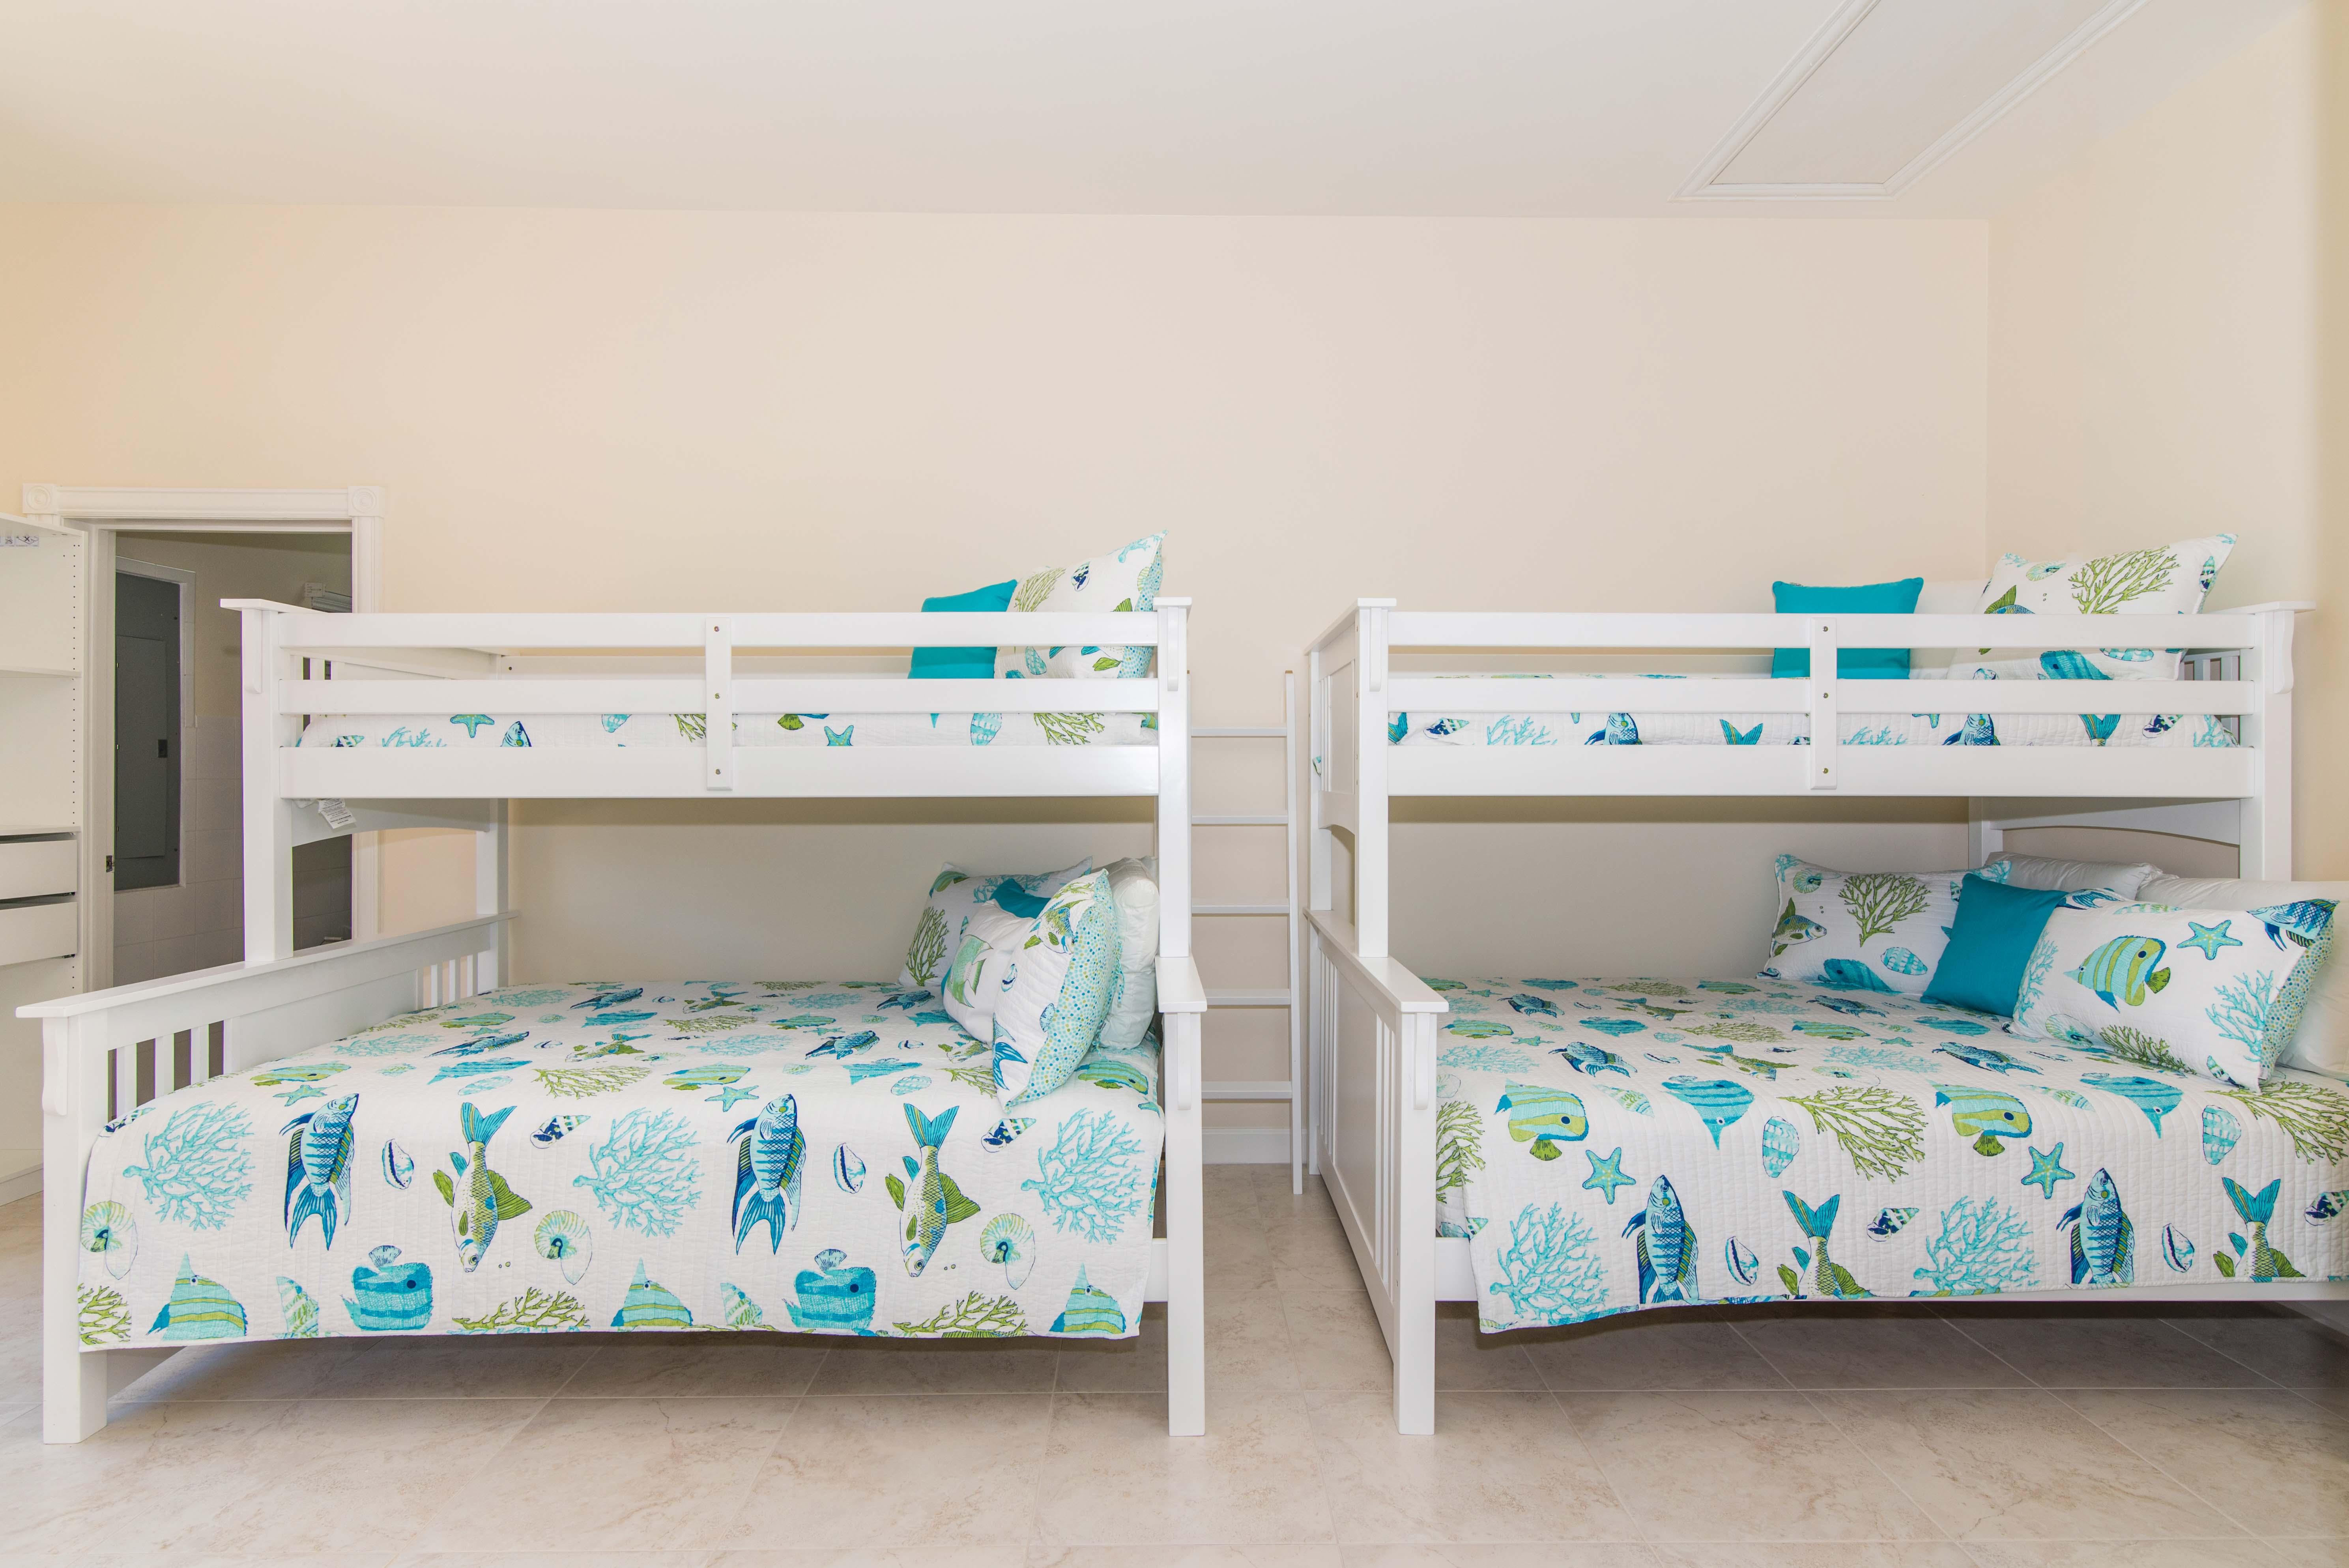 Bunk Bed Bedroom at Sprat Bay